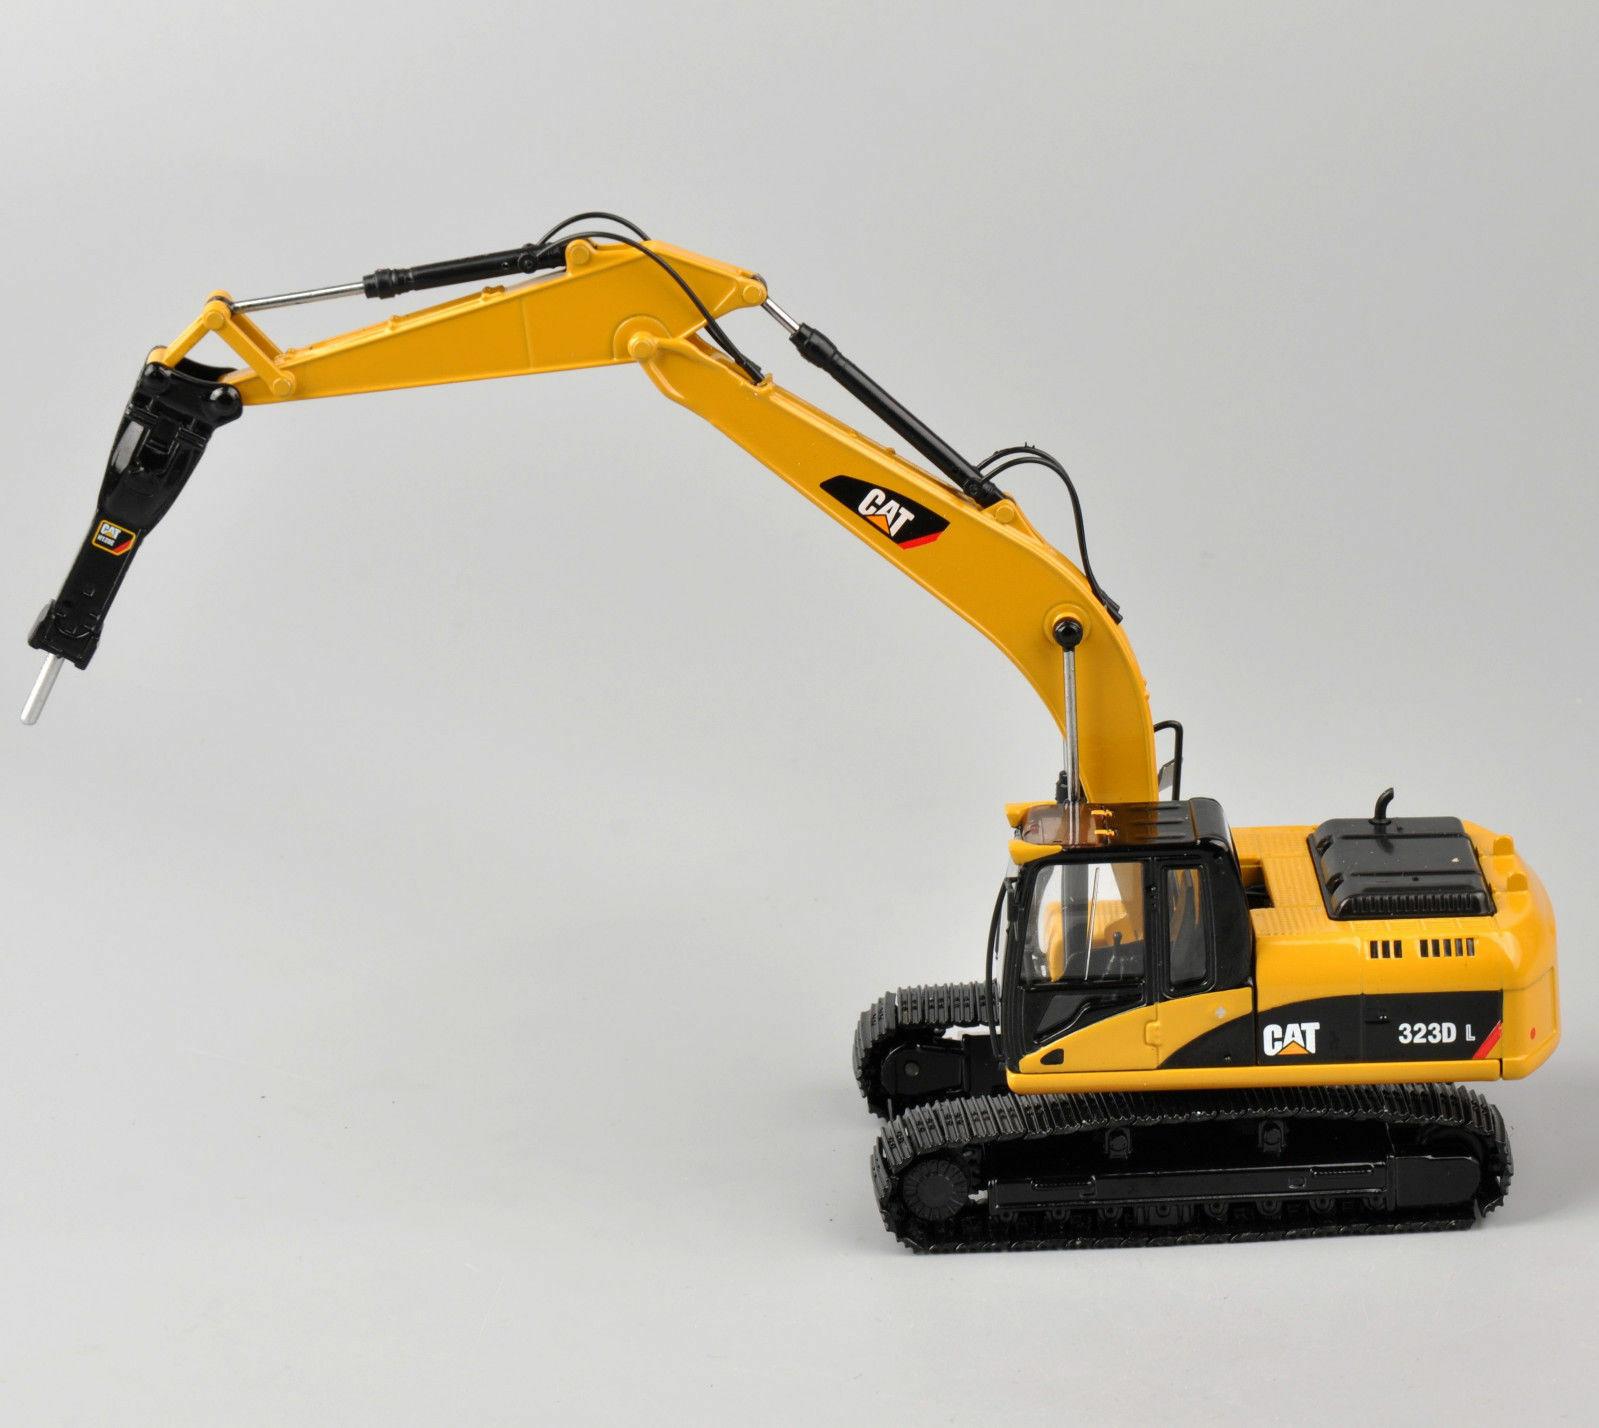 Norscot Caterpillar Cat 323D L excavadoras con H120E martillo hidráulico pistas de Metal modelo de fundición a escala 1/50